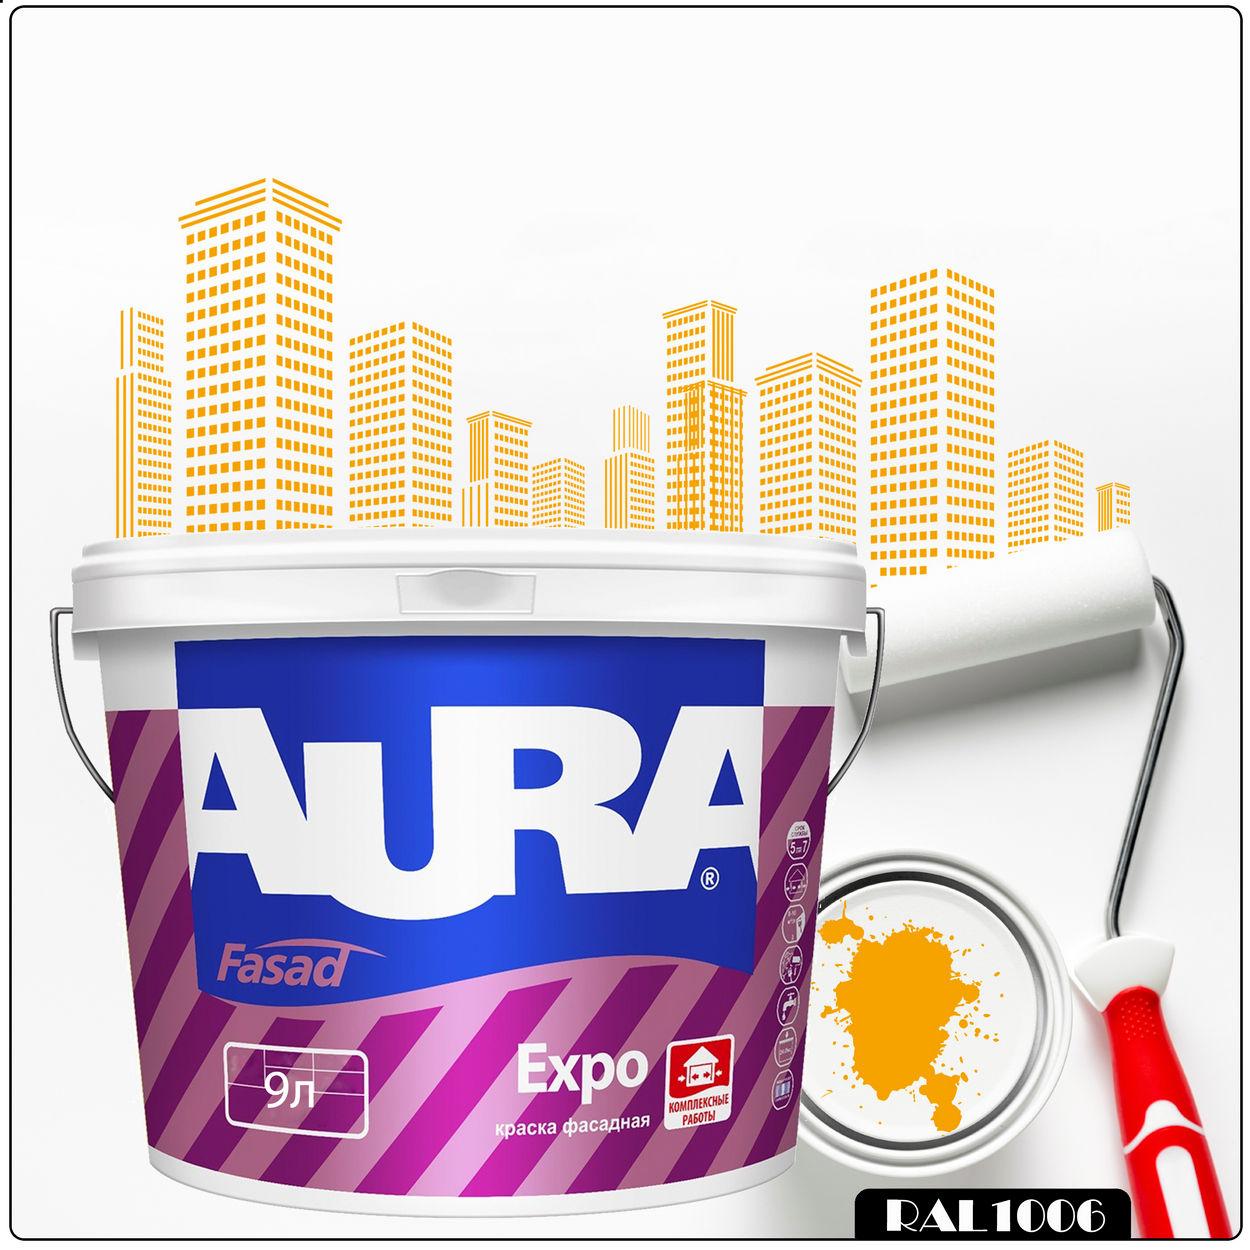 Фото 1 - Краска Aura Fasad Expo, RAL 1006 Кукурузно-жёлтый, матовая, для фасадов и помещений с повышенной влажностью, 9л.